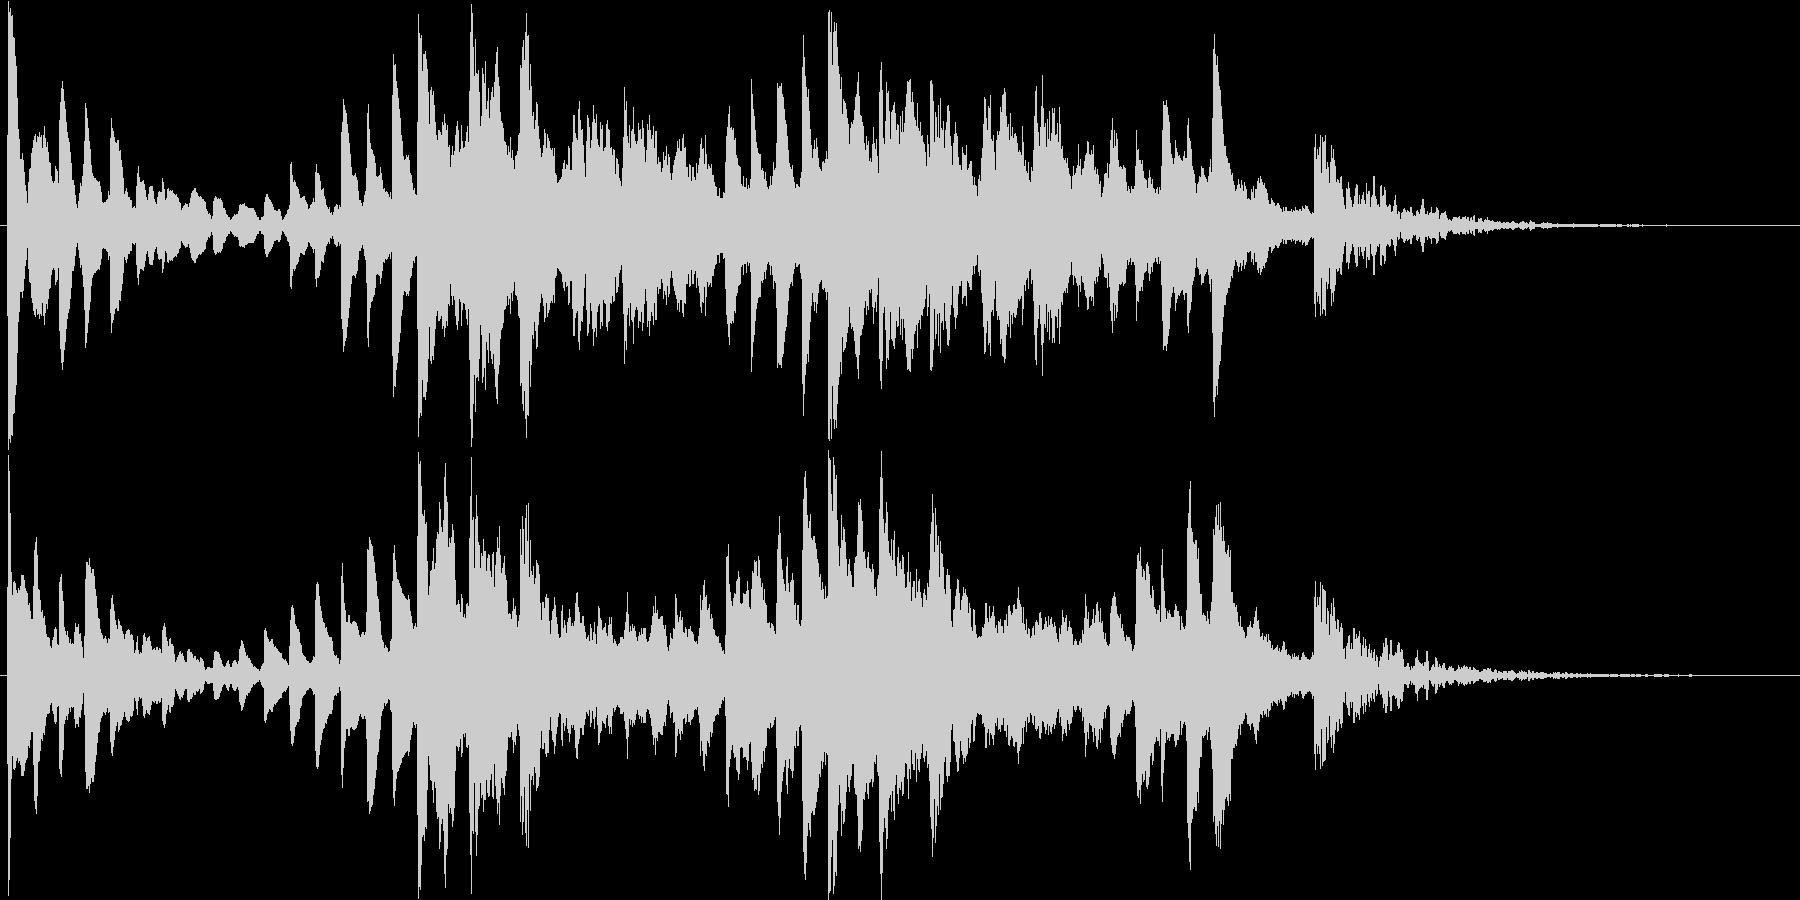 神秘的で幻想的なピアノ曲の未再生の波形